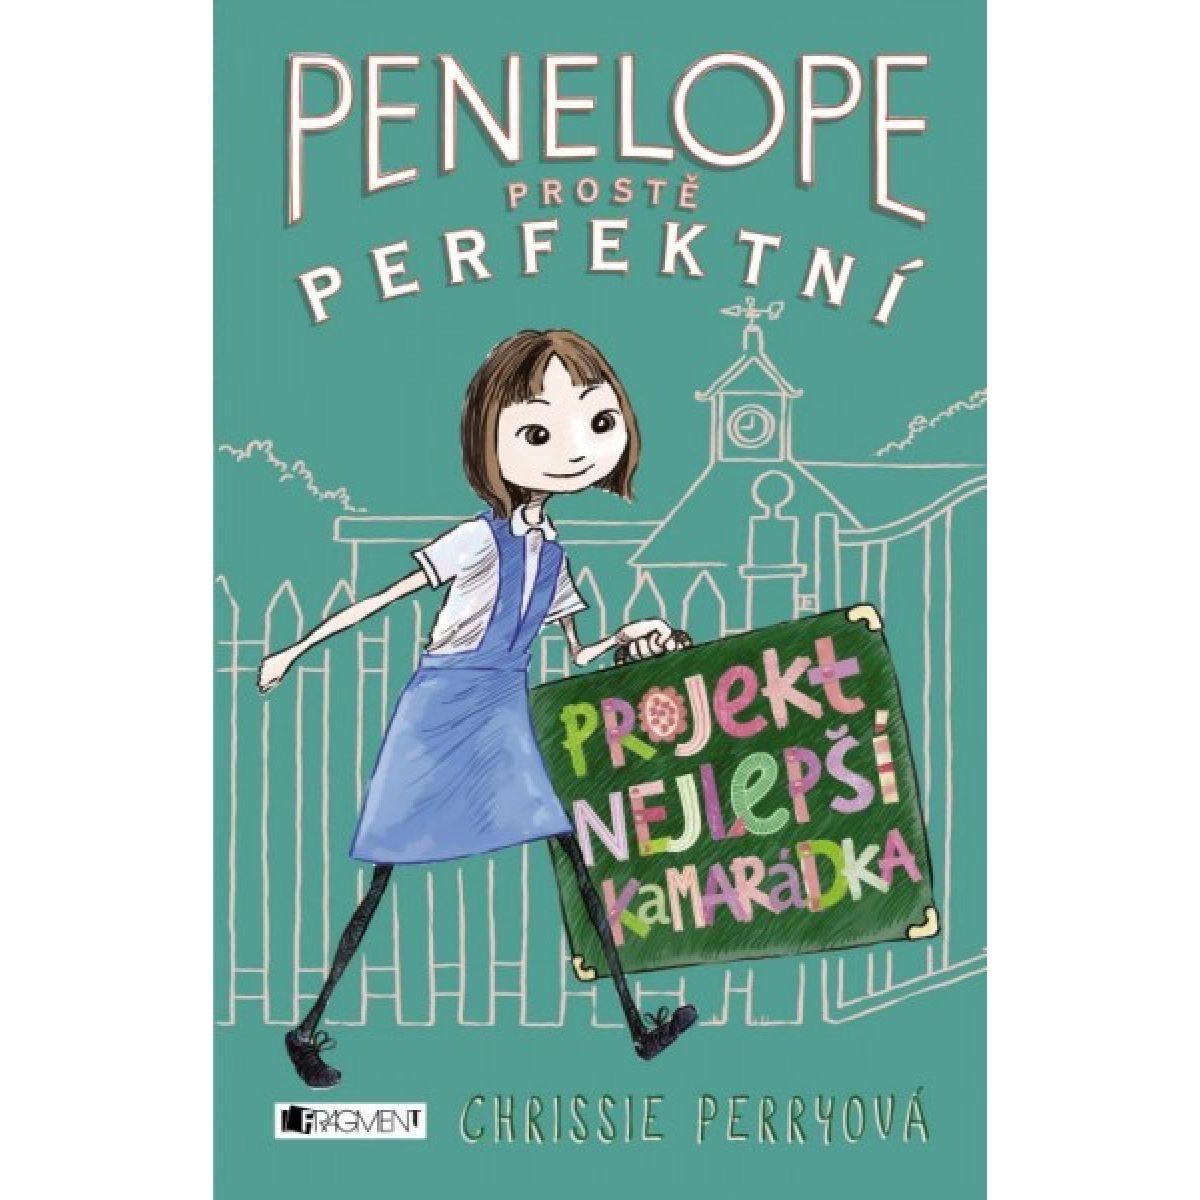 Fragment Penelope - prostě perfektní: Projekt Nejlepší kamarádka